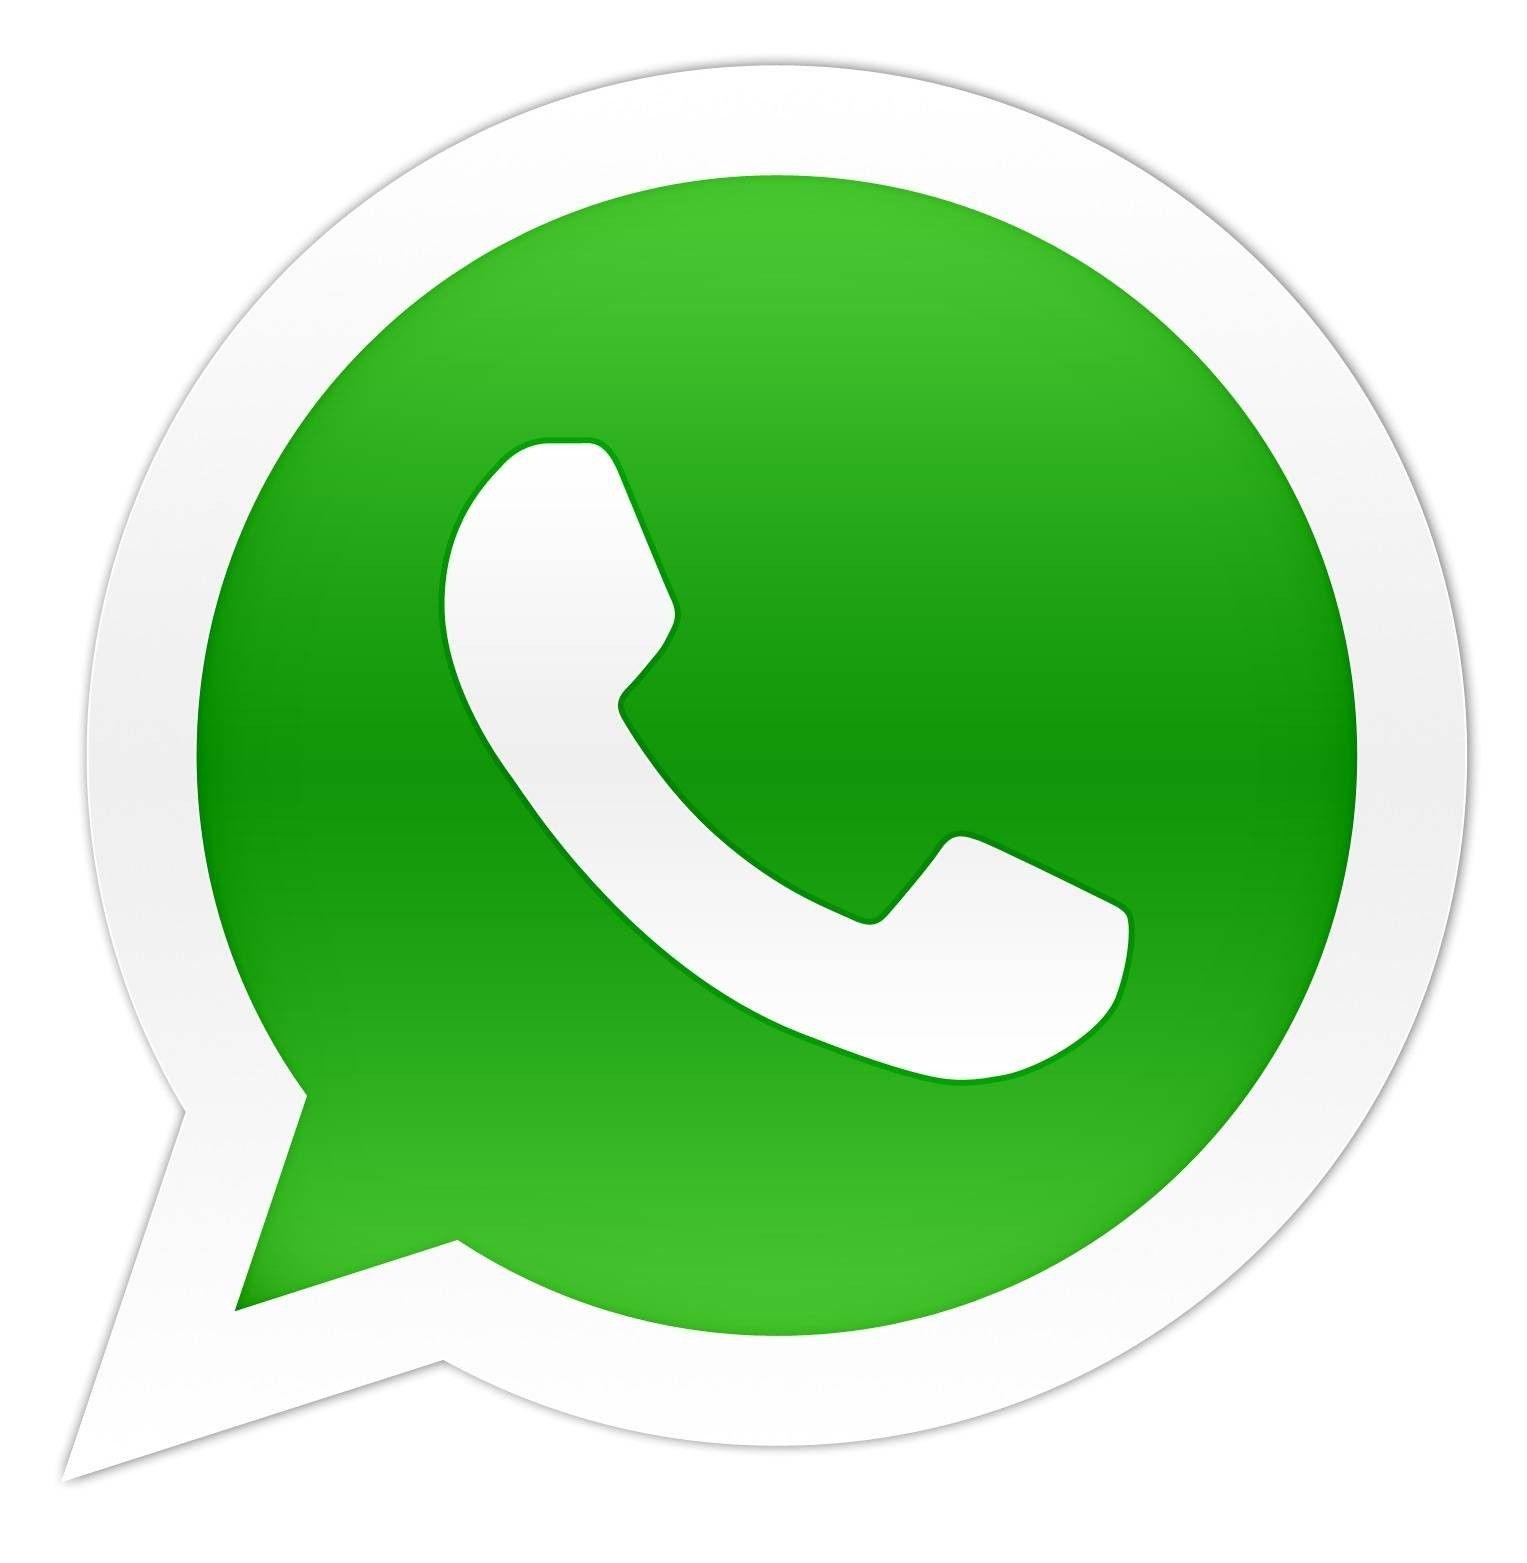 Whatsapp Für Ios Kann Nun Kursiv Oder Fett Schreiben Macwelt